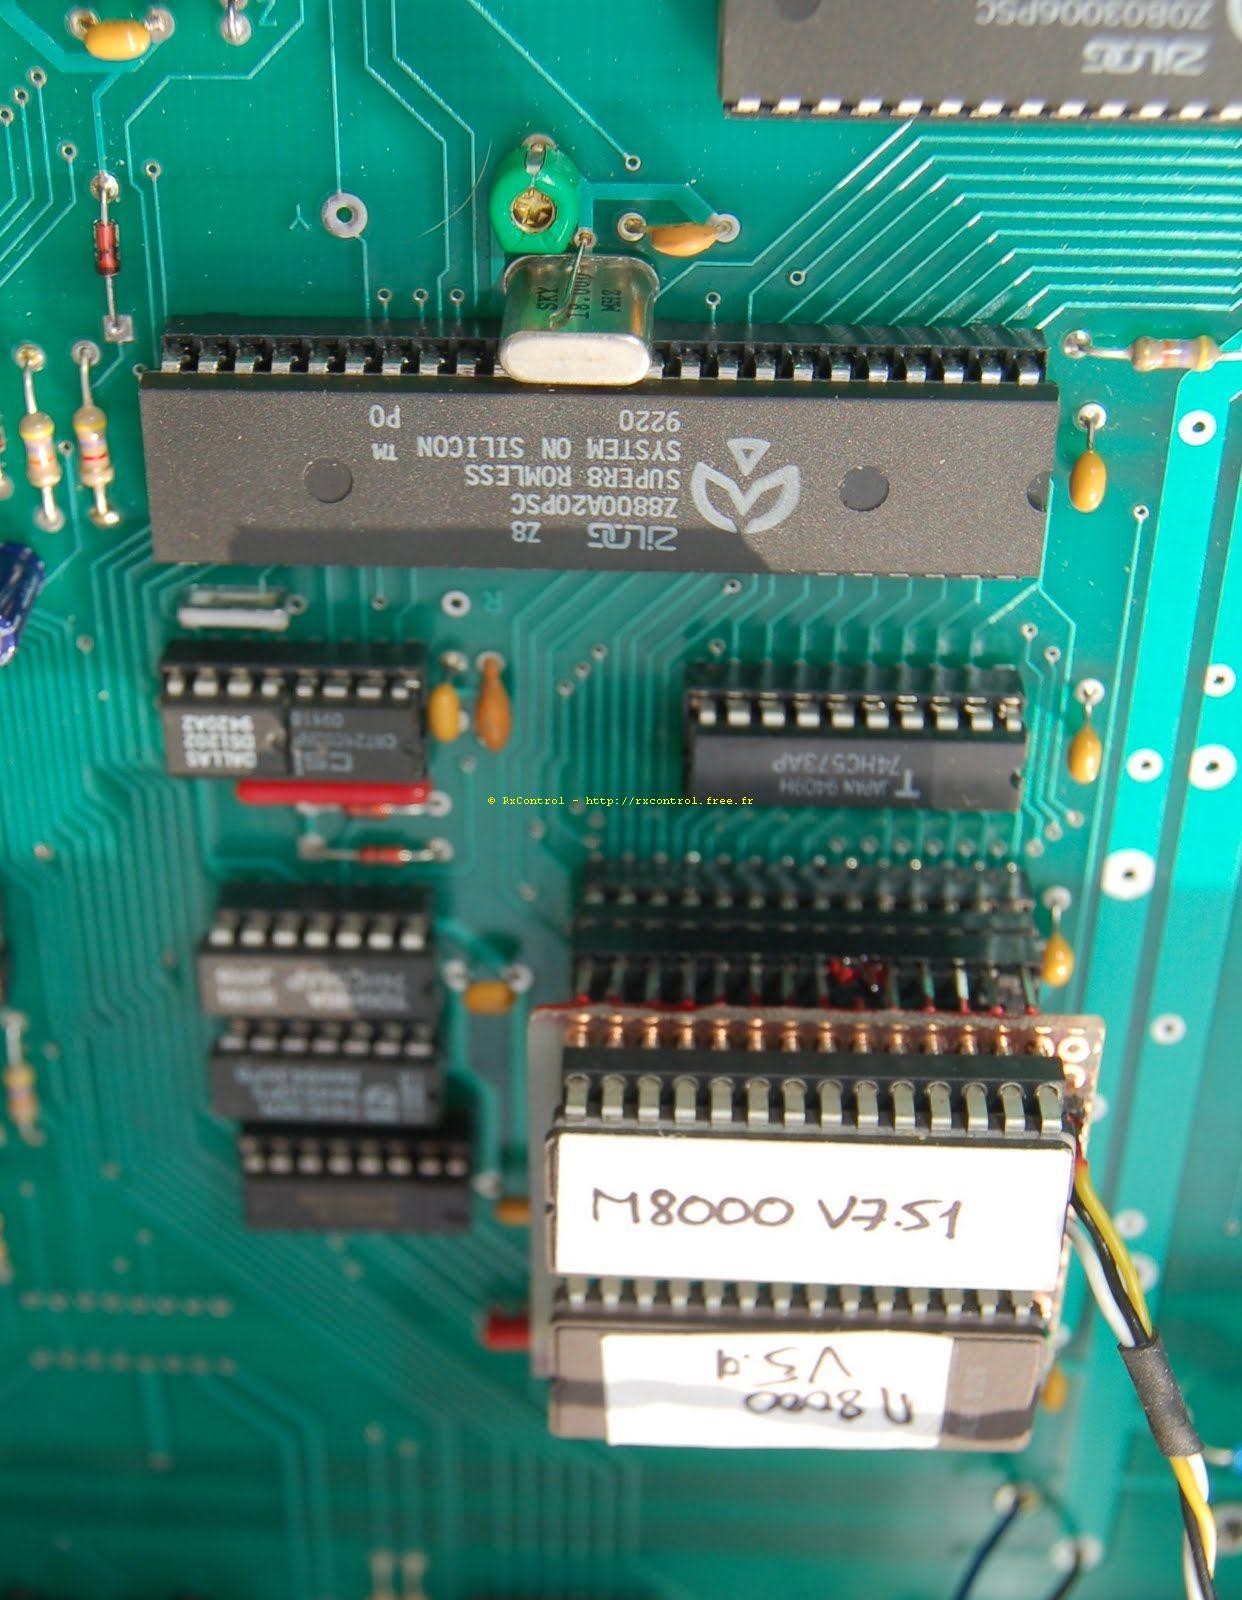 http://2.bp.blogspot.com/_JEmDD7VkG1Y/S-MIghUGuuI/AAAAAAAAAgI/lAARhKjW1ns/s1600/M8000-0.jpg